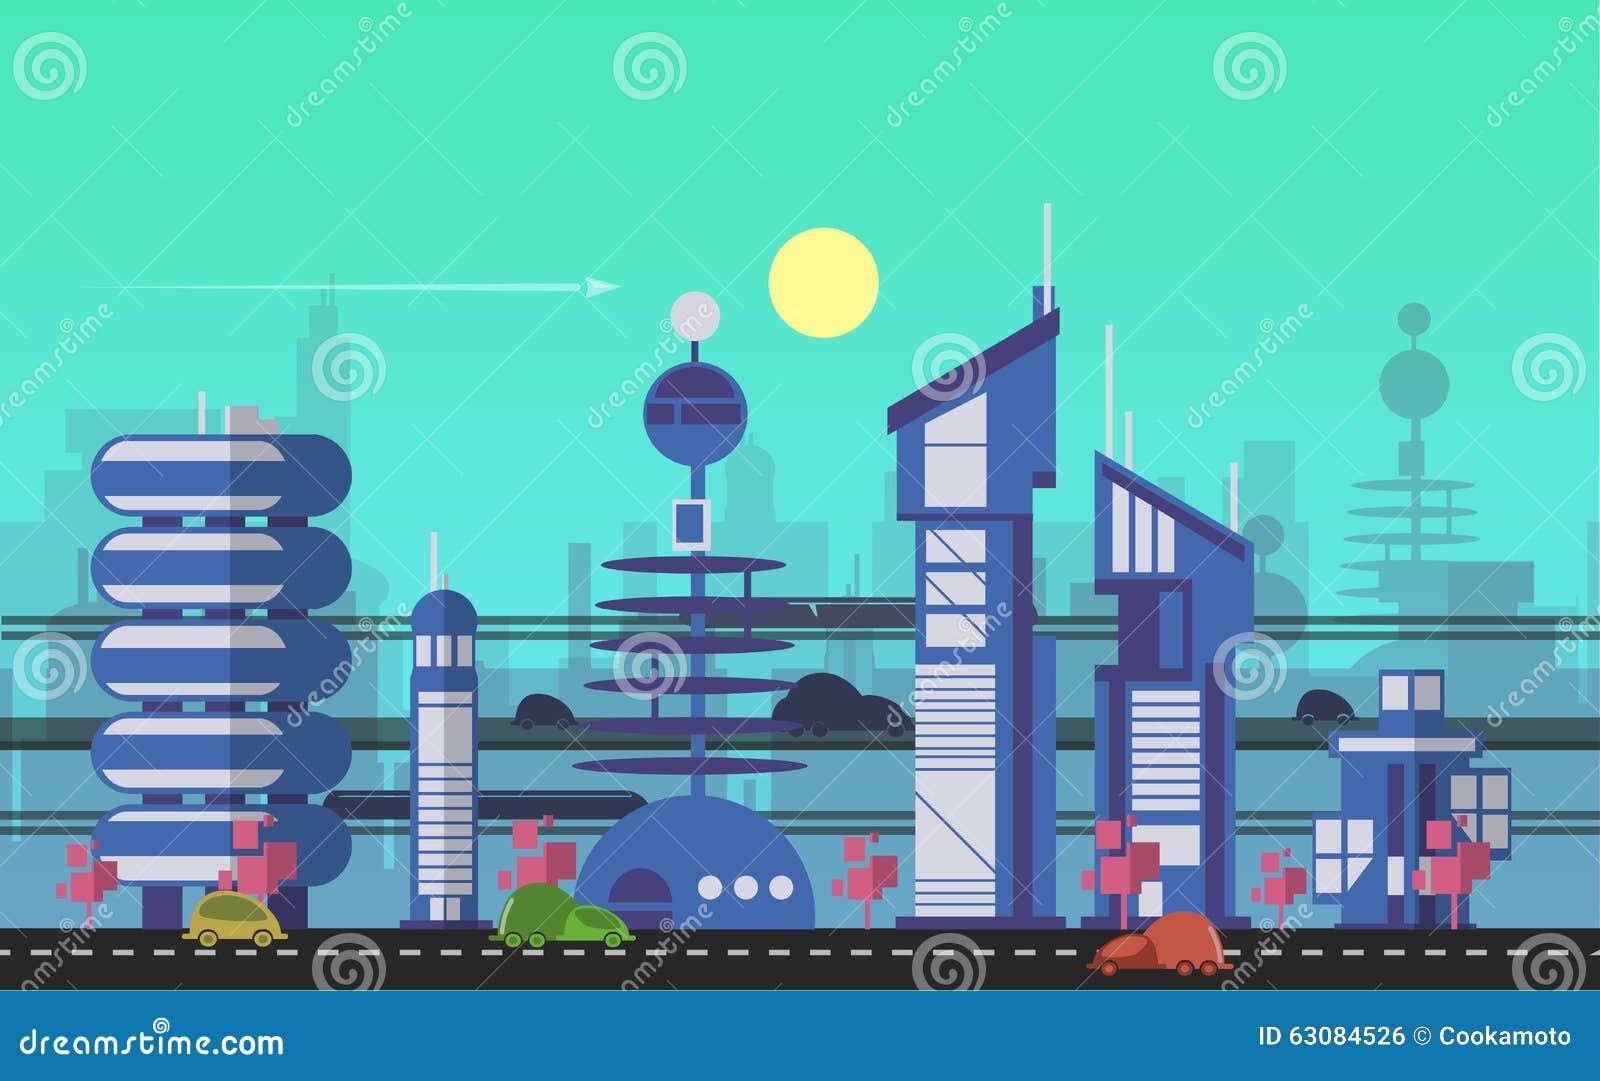 Plantillas Urbanas Ocupadas Del Paisaje Urbano Ilustración del ...